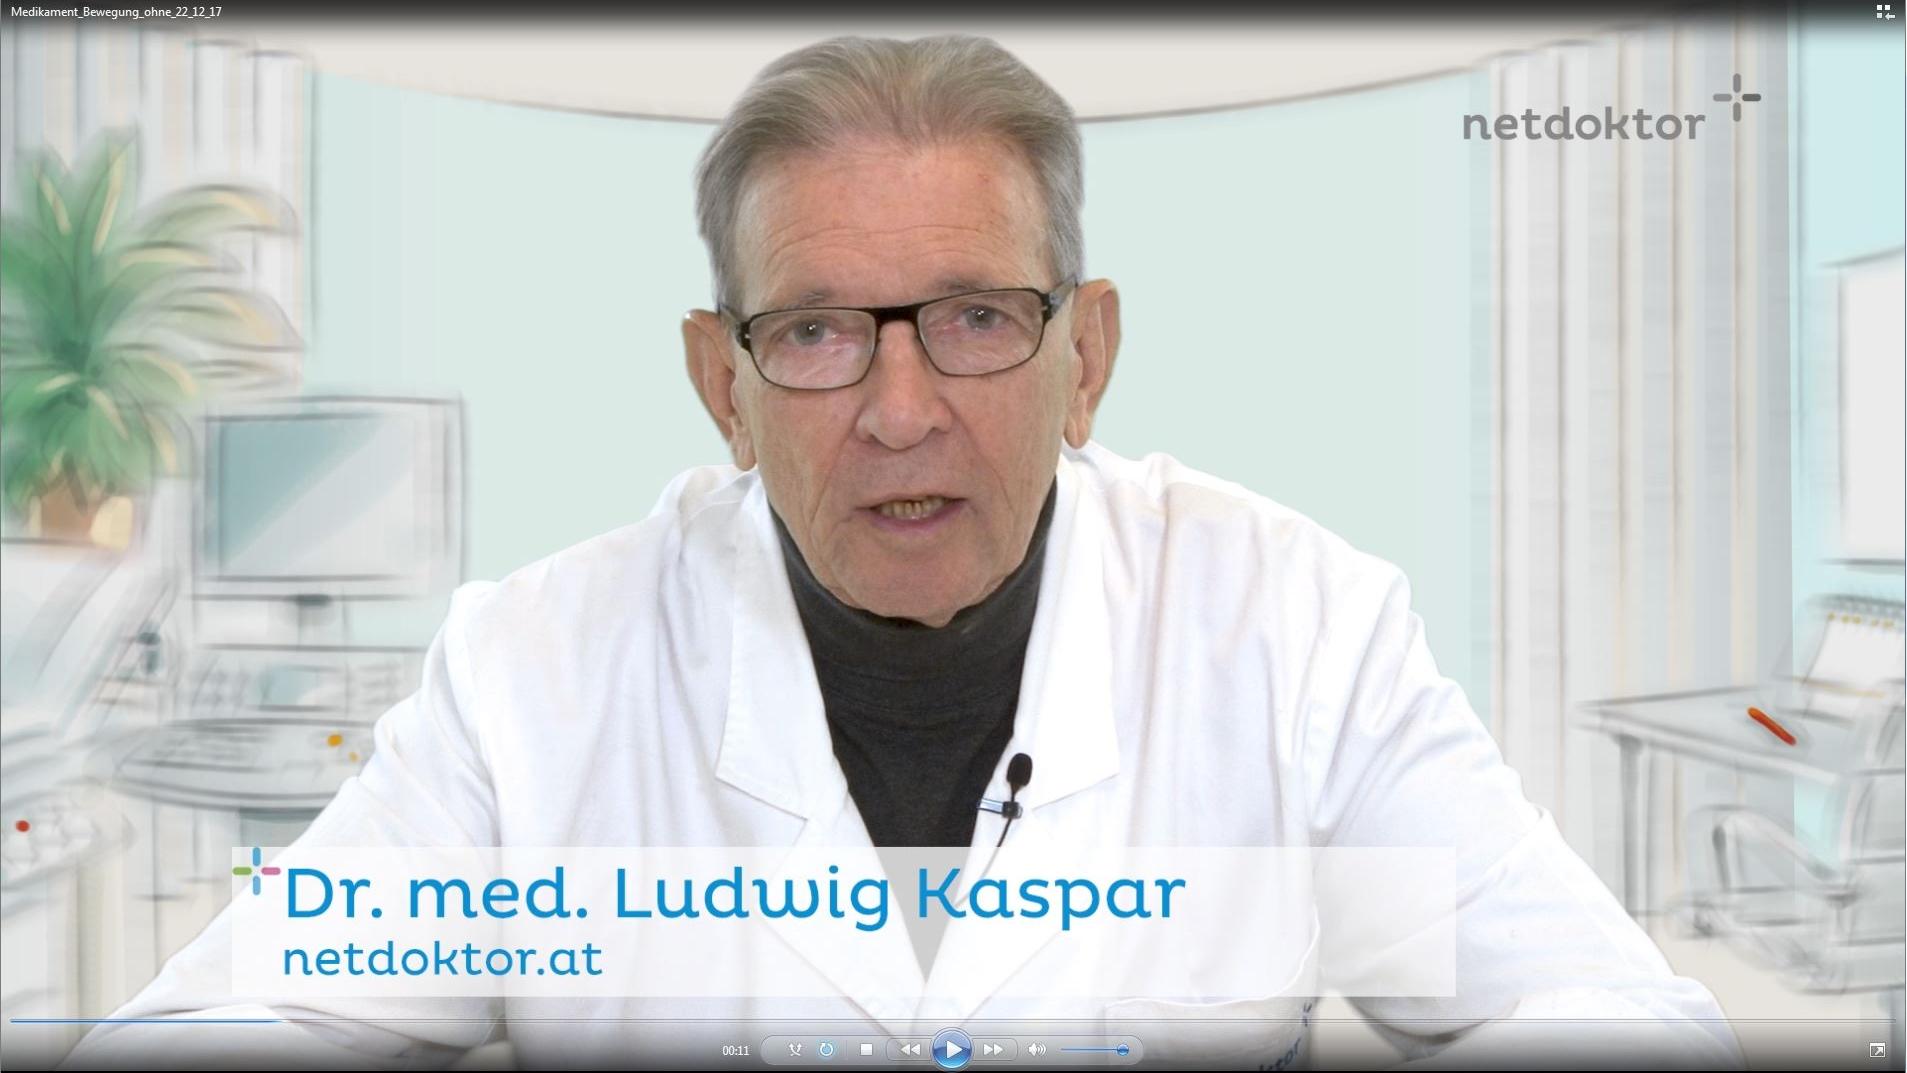 Videoschiene für netdoktor.at - Diesfalls der Vlog des medizinischen Leiters. Komplettabwicklung (Konzept, Aufnahme, Schnitt, Musik)